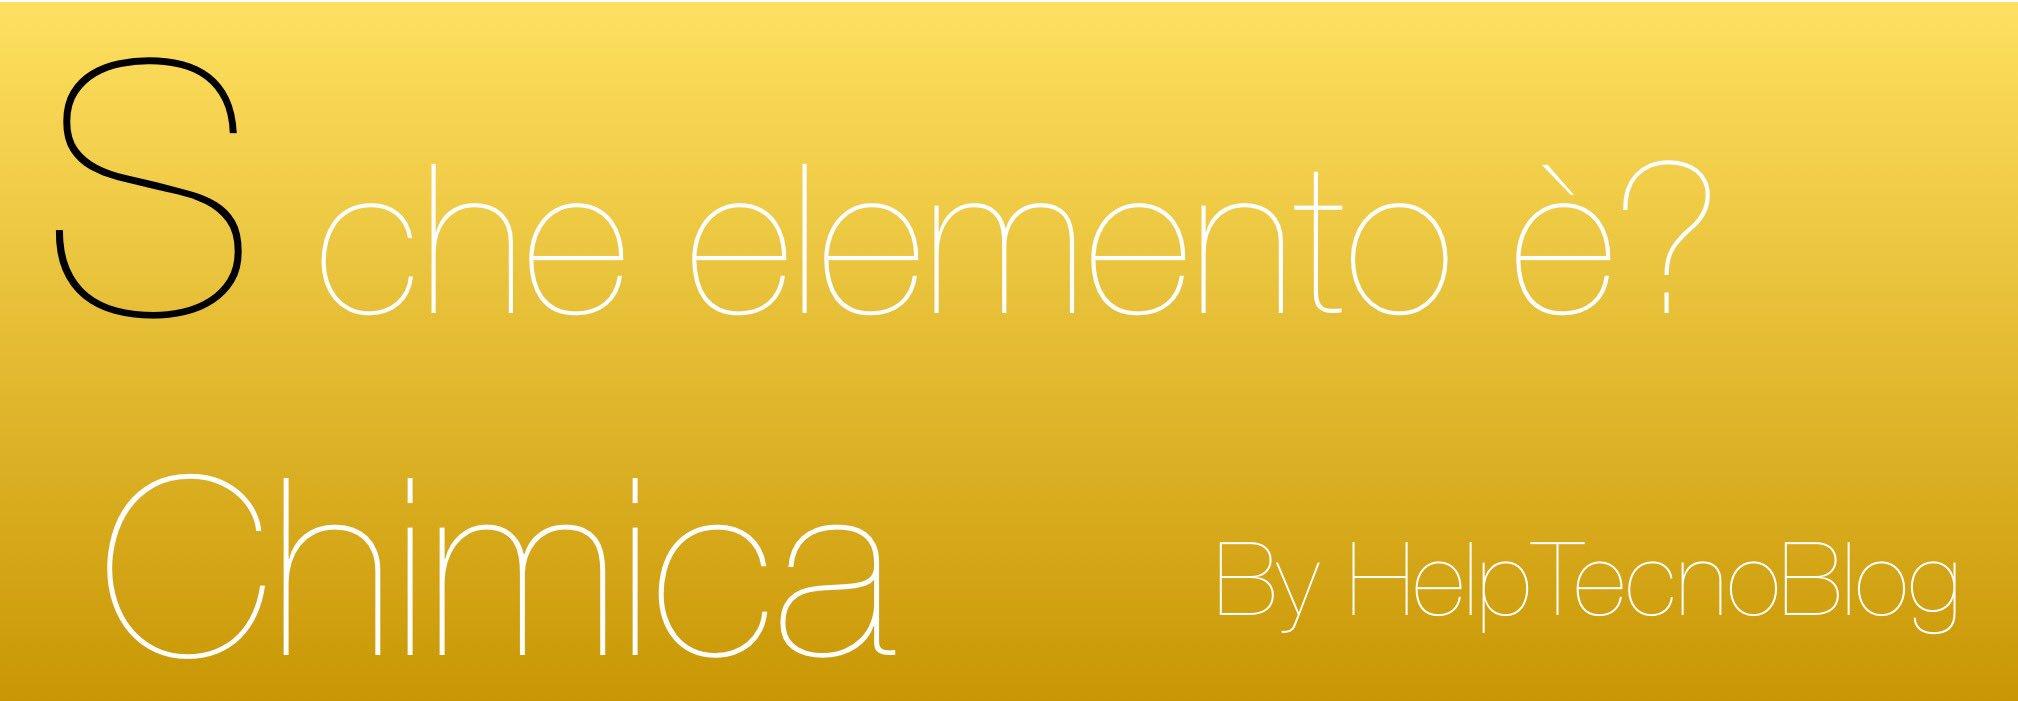 Che elemento è S in chimica